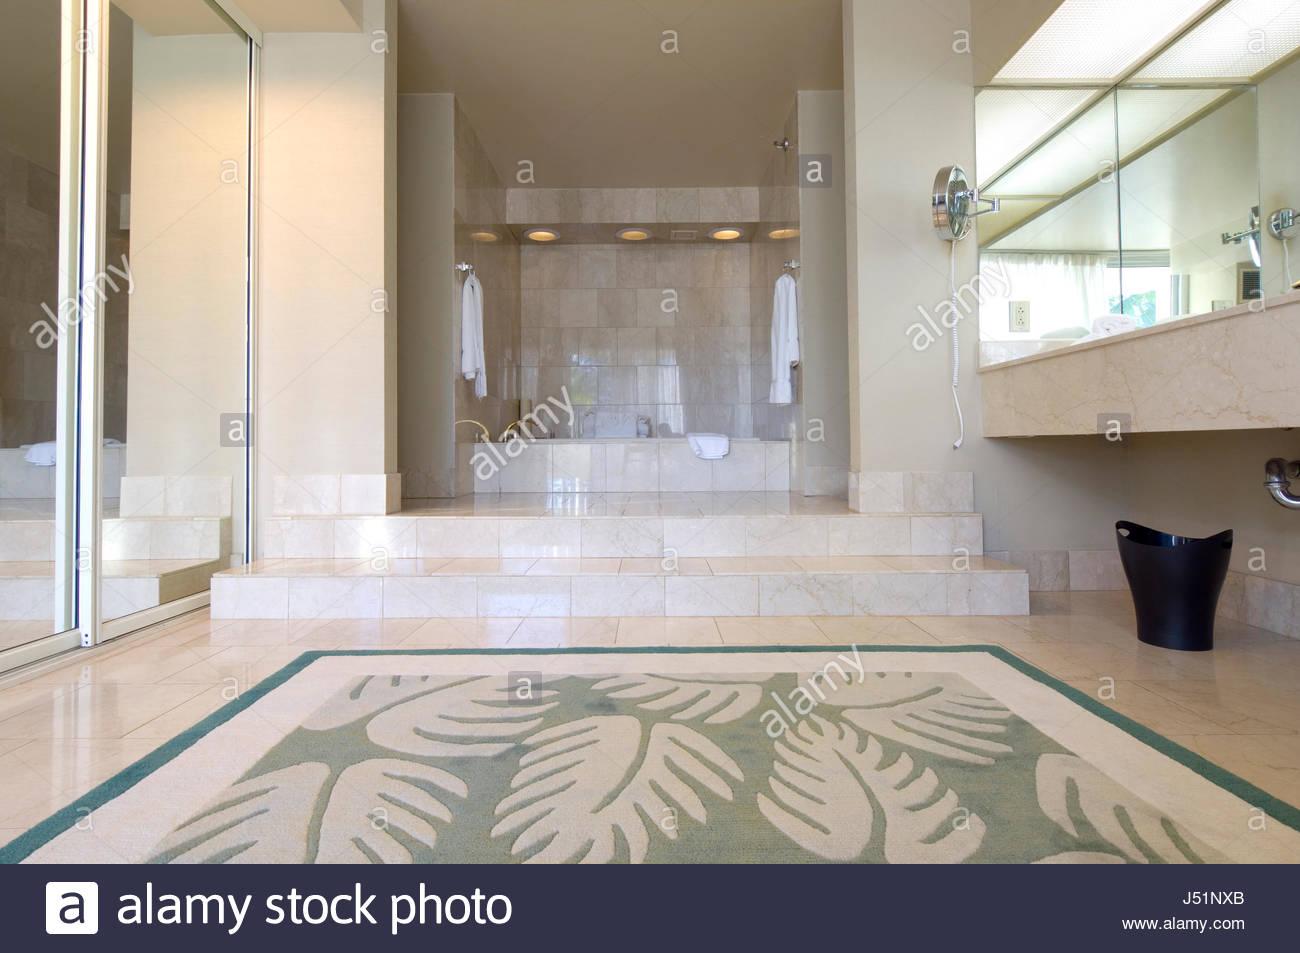 Vasca Da Bagno Rialzata : Bagno con vasca rialzata nella suite imperiale al westin maui